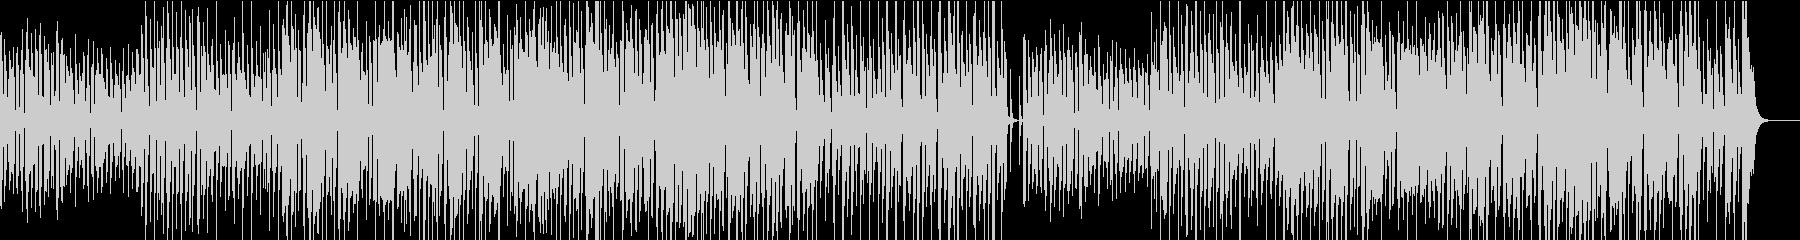 陽気で軽快なトランペットのBGMの未再生の波形